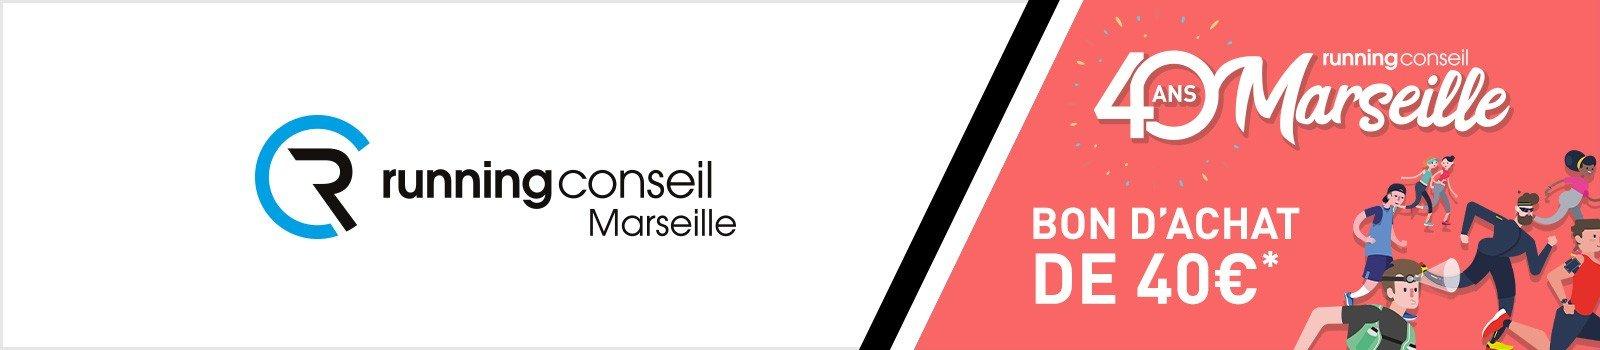 Running Conseil Marseille fête ses 40 ans - Téléchargez votre bon d'achat